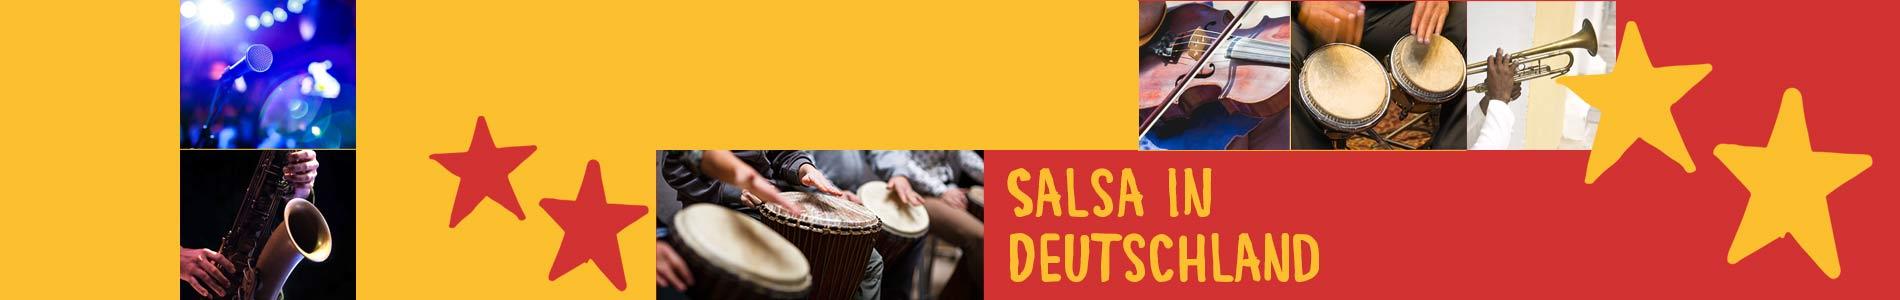 Salsa in Chostlarn – Salsa lernen und tanzen, Tanzkurse, Partys, Veranstaltungen